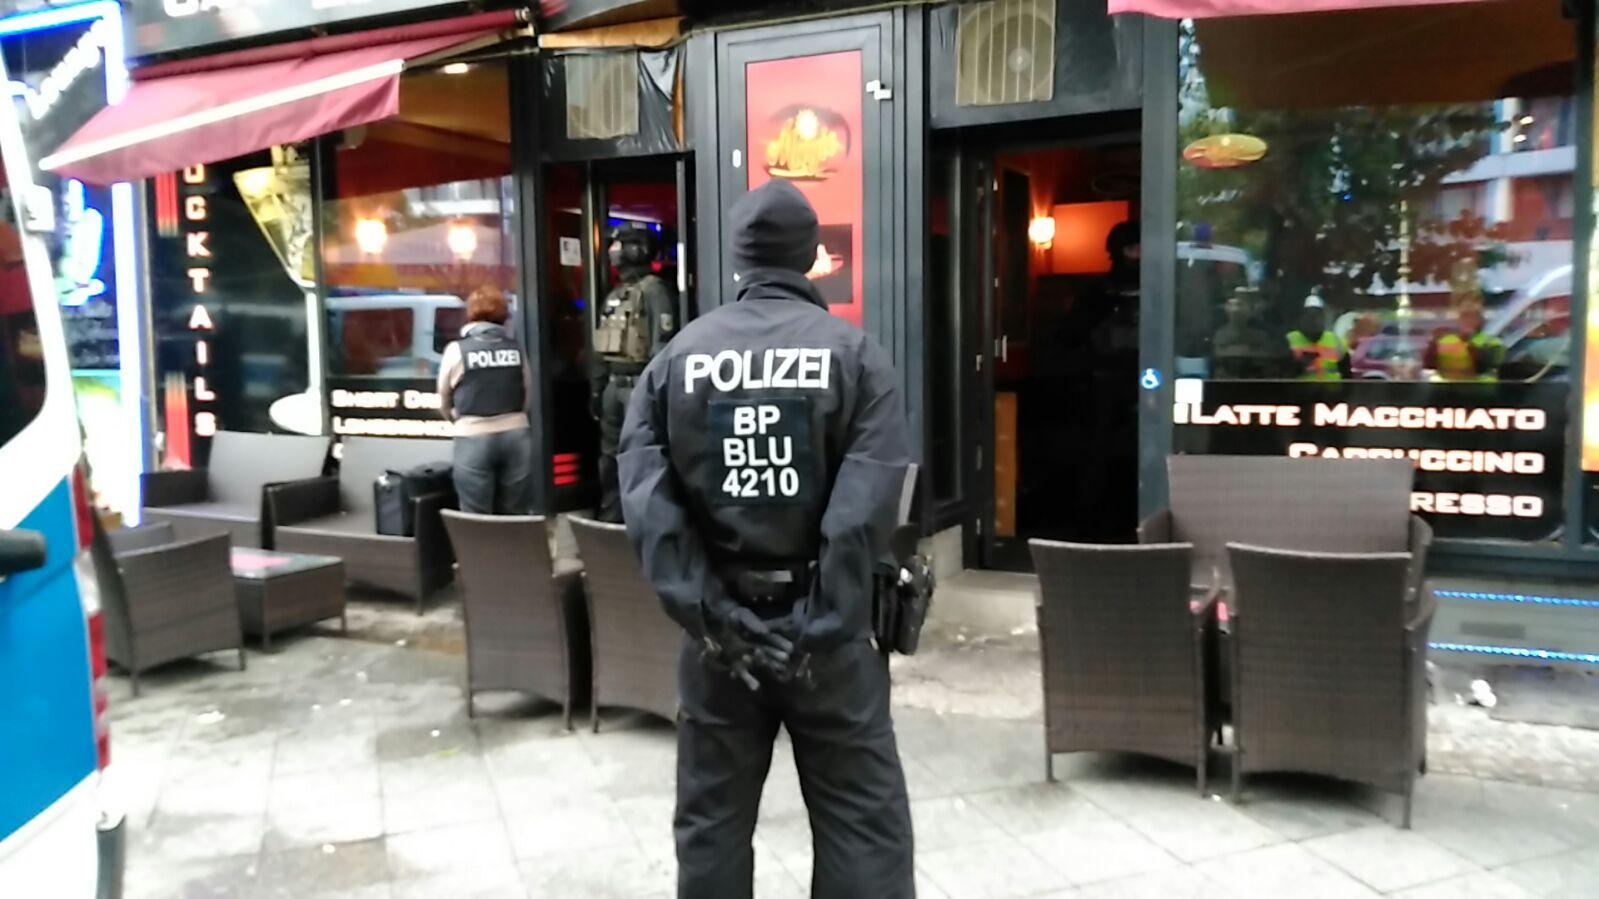 Bundespolizisten bei der Durchsuchung | Foto: BPol Berlin